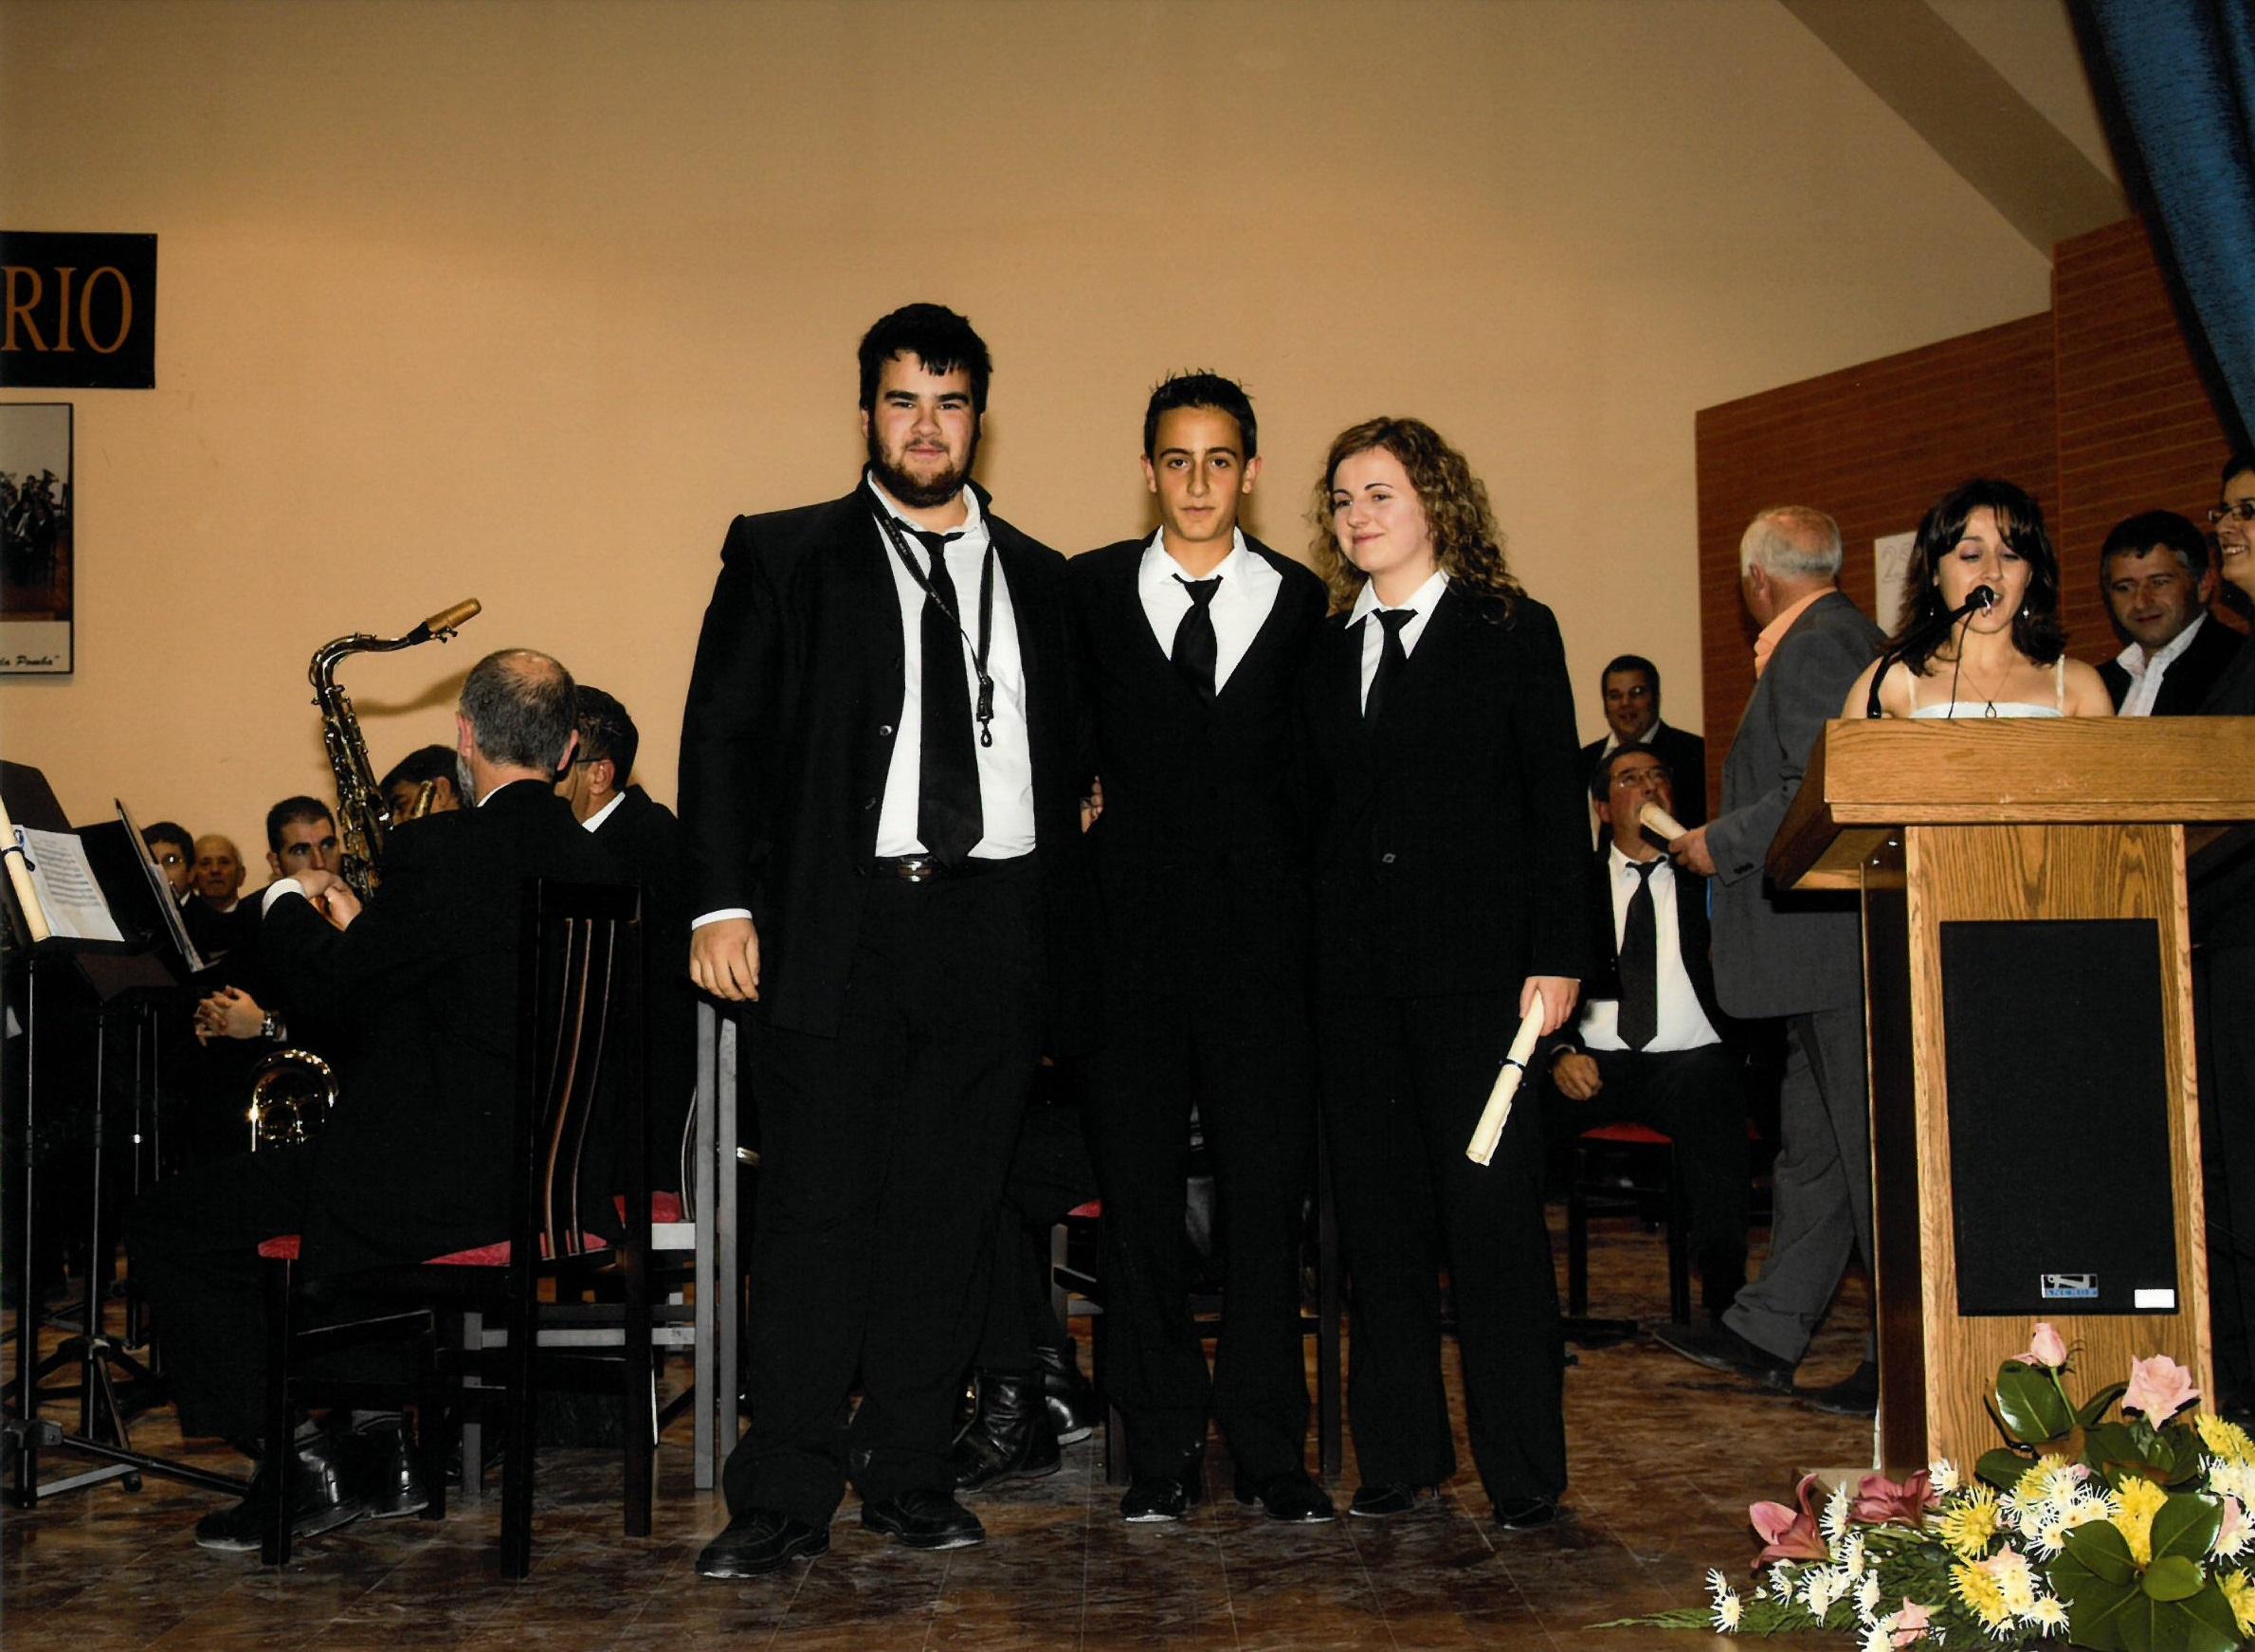 concerto-25-aniversario-banda-27-10-2007-095